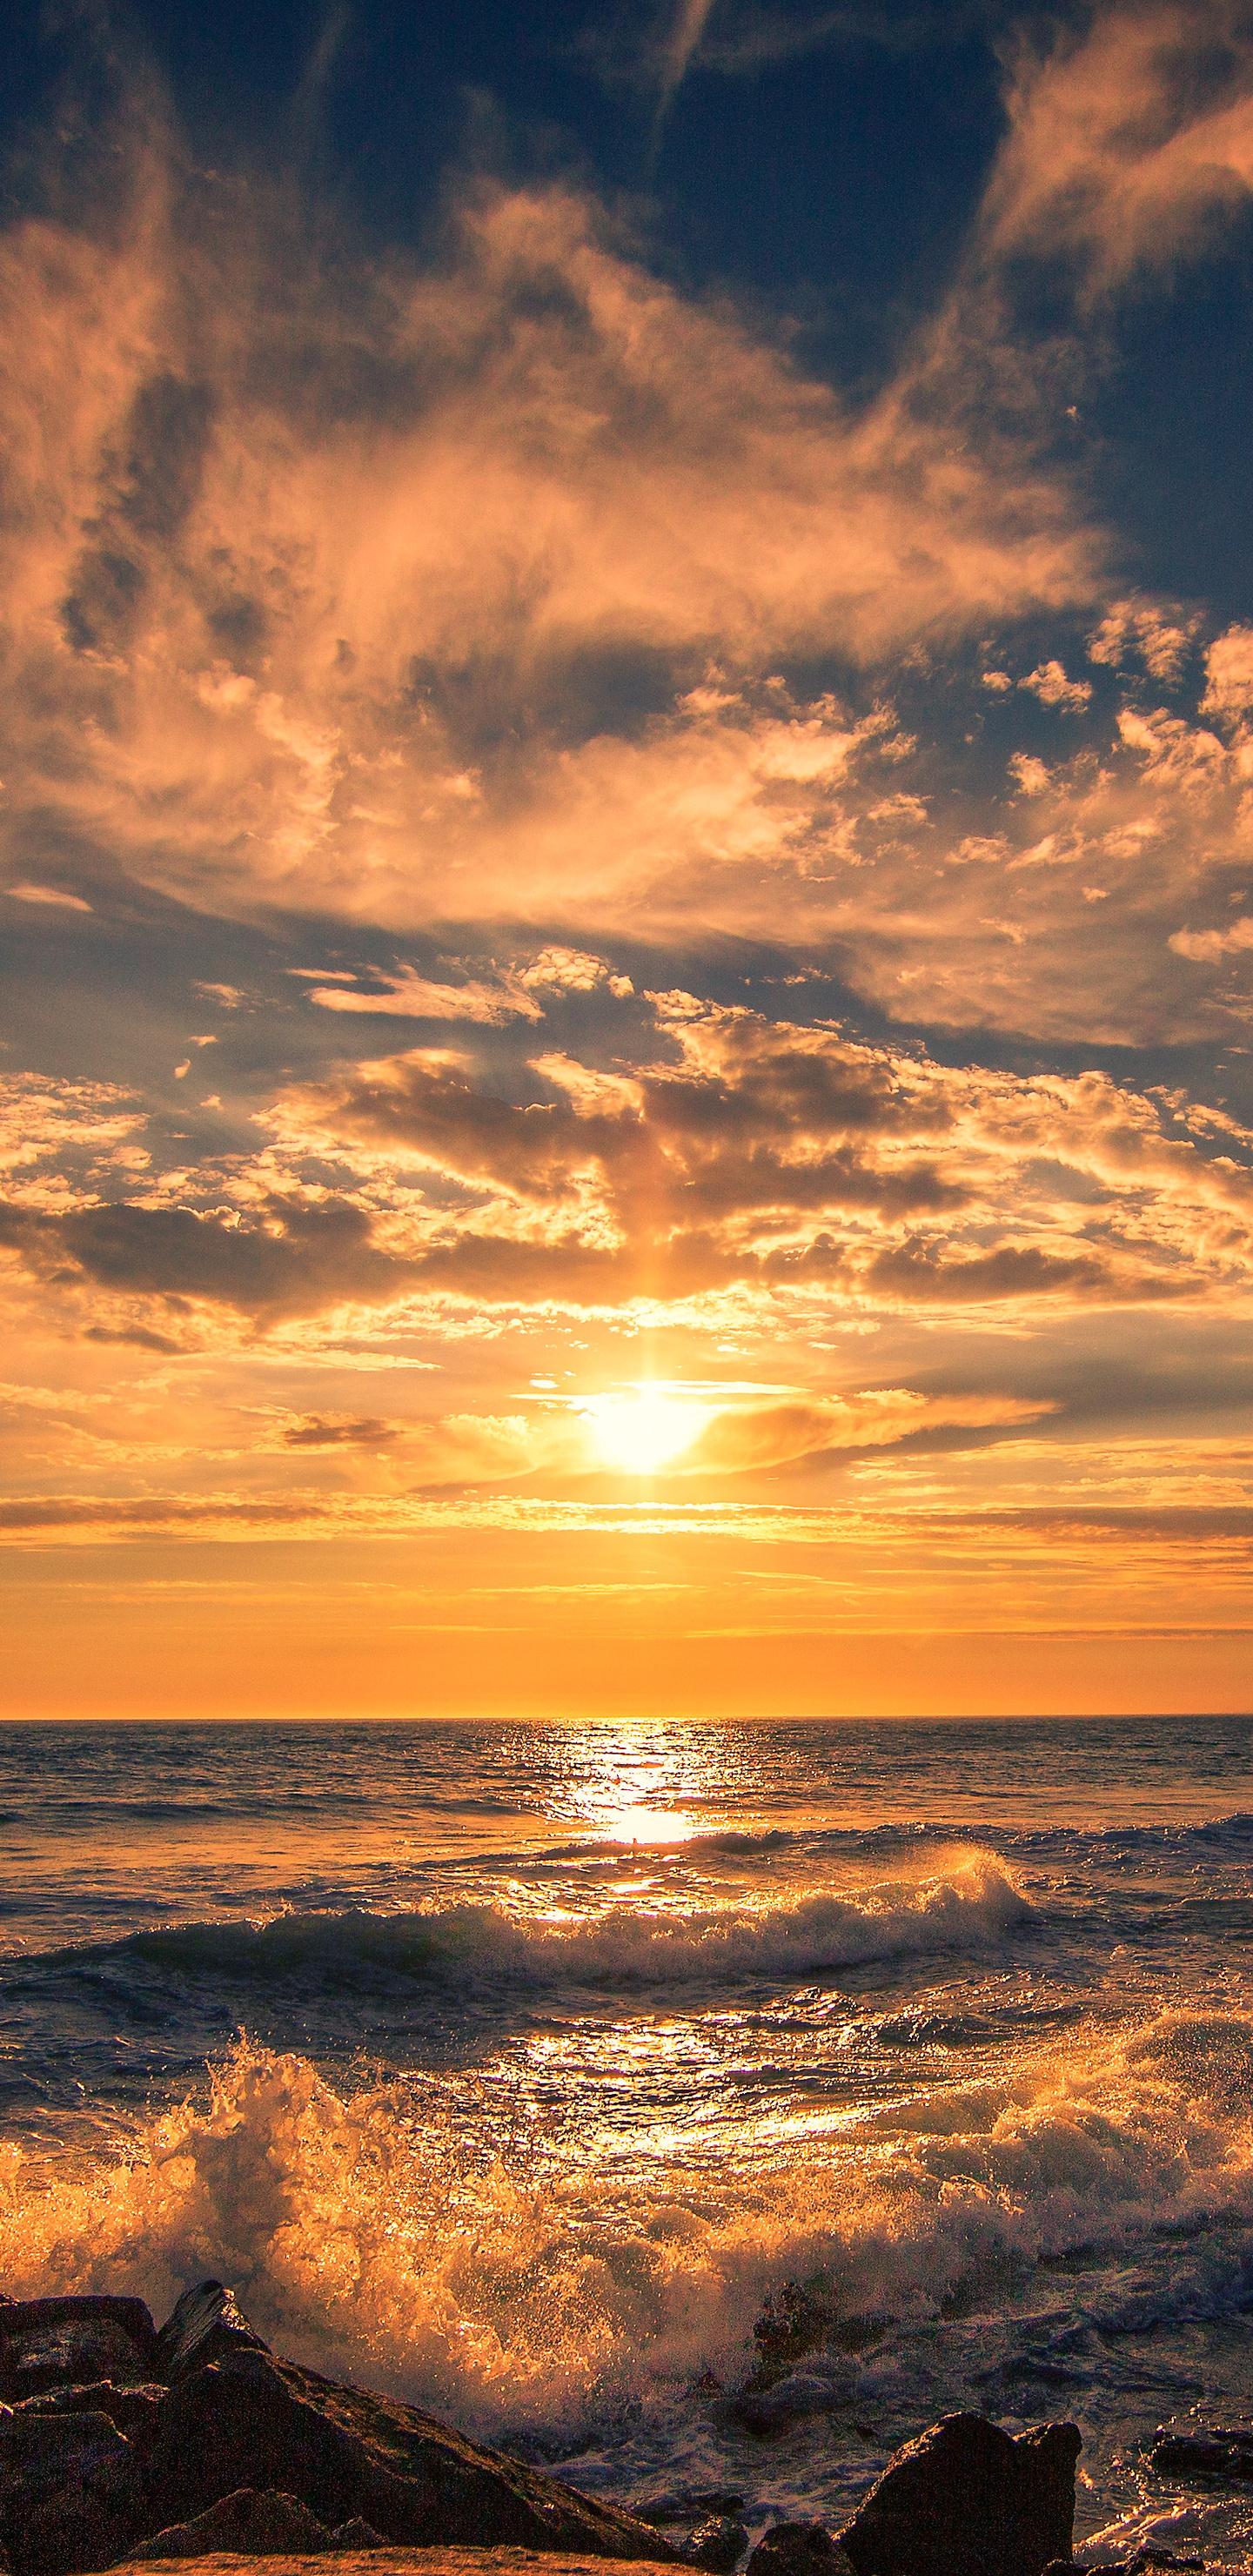 american-coastline-ocean-beach-5k-p9.jpg